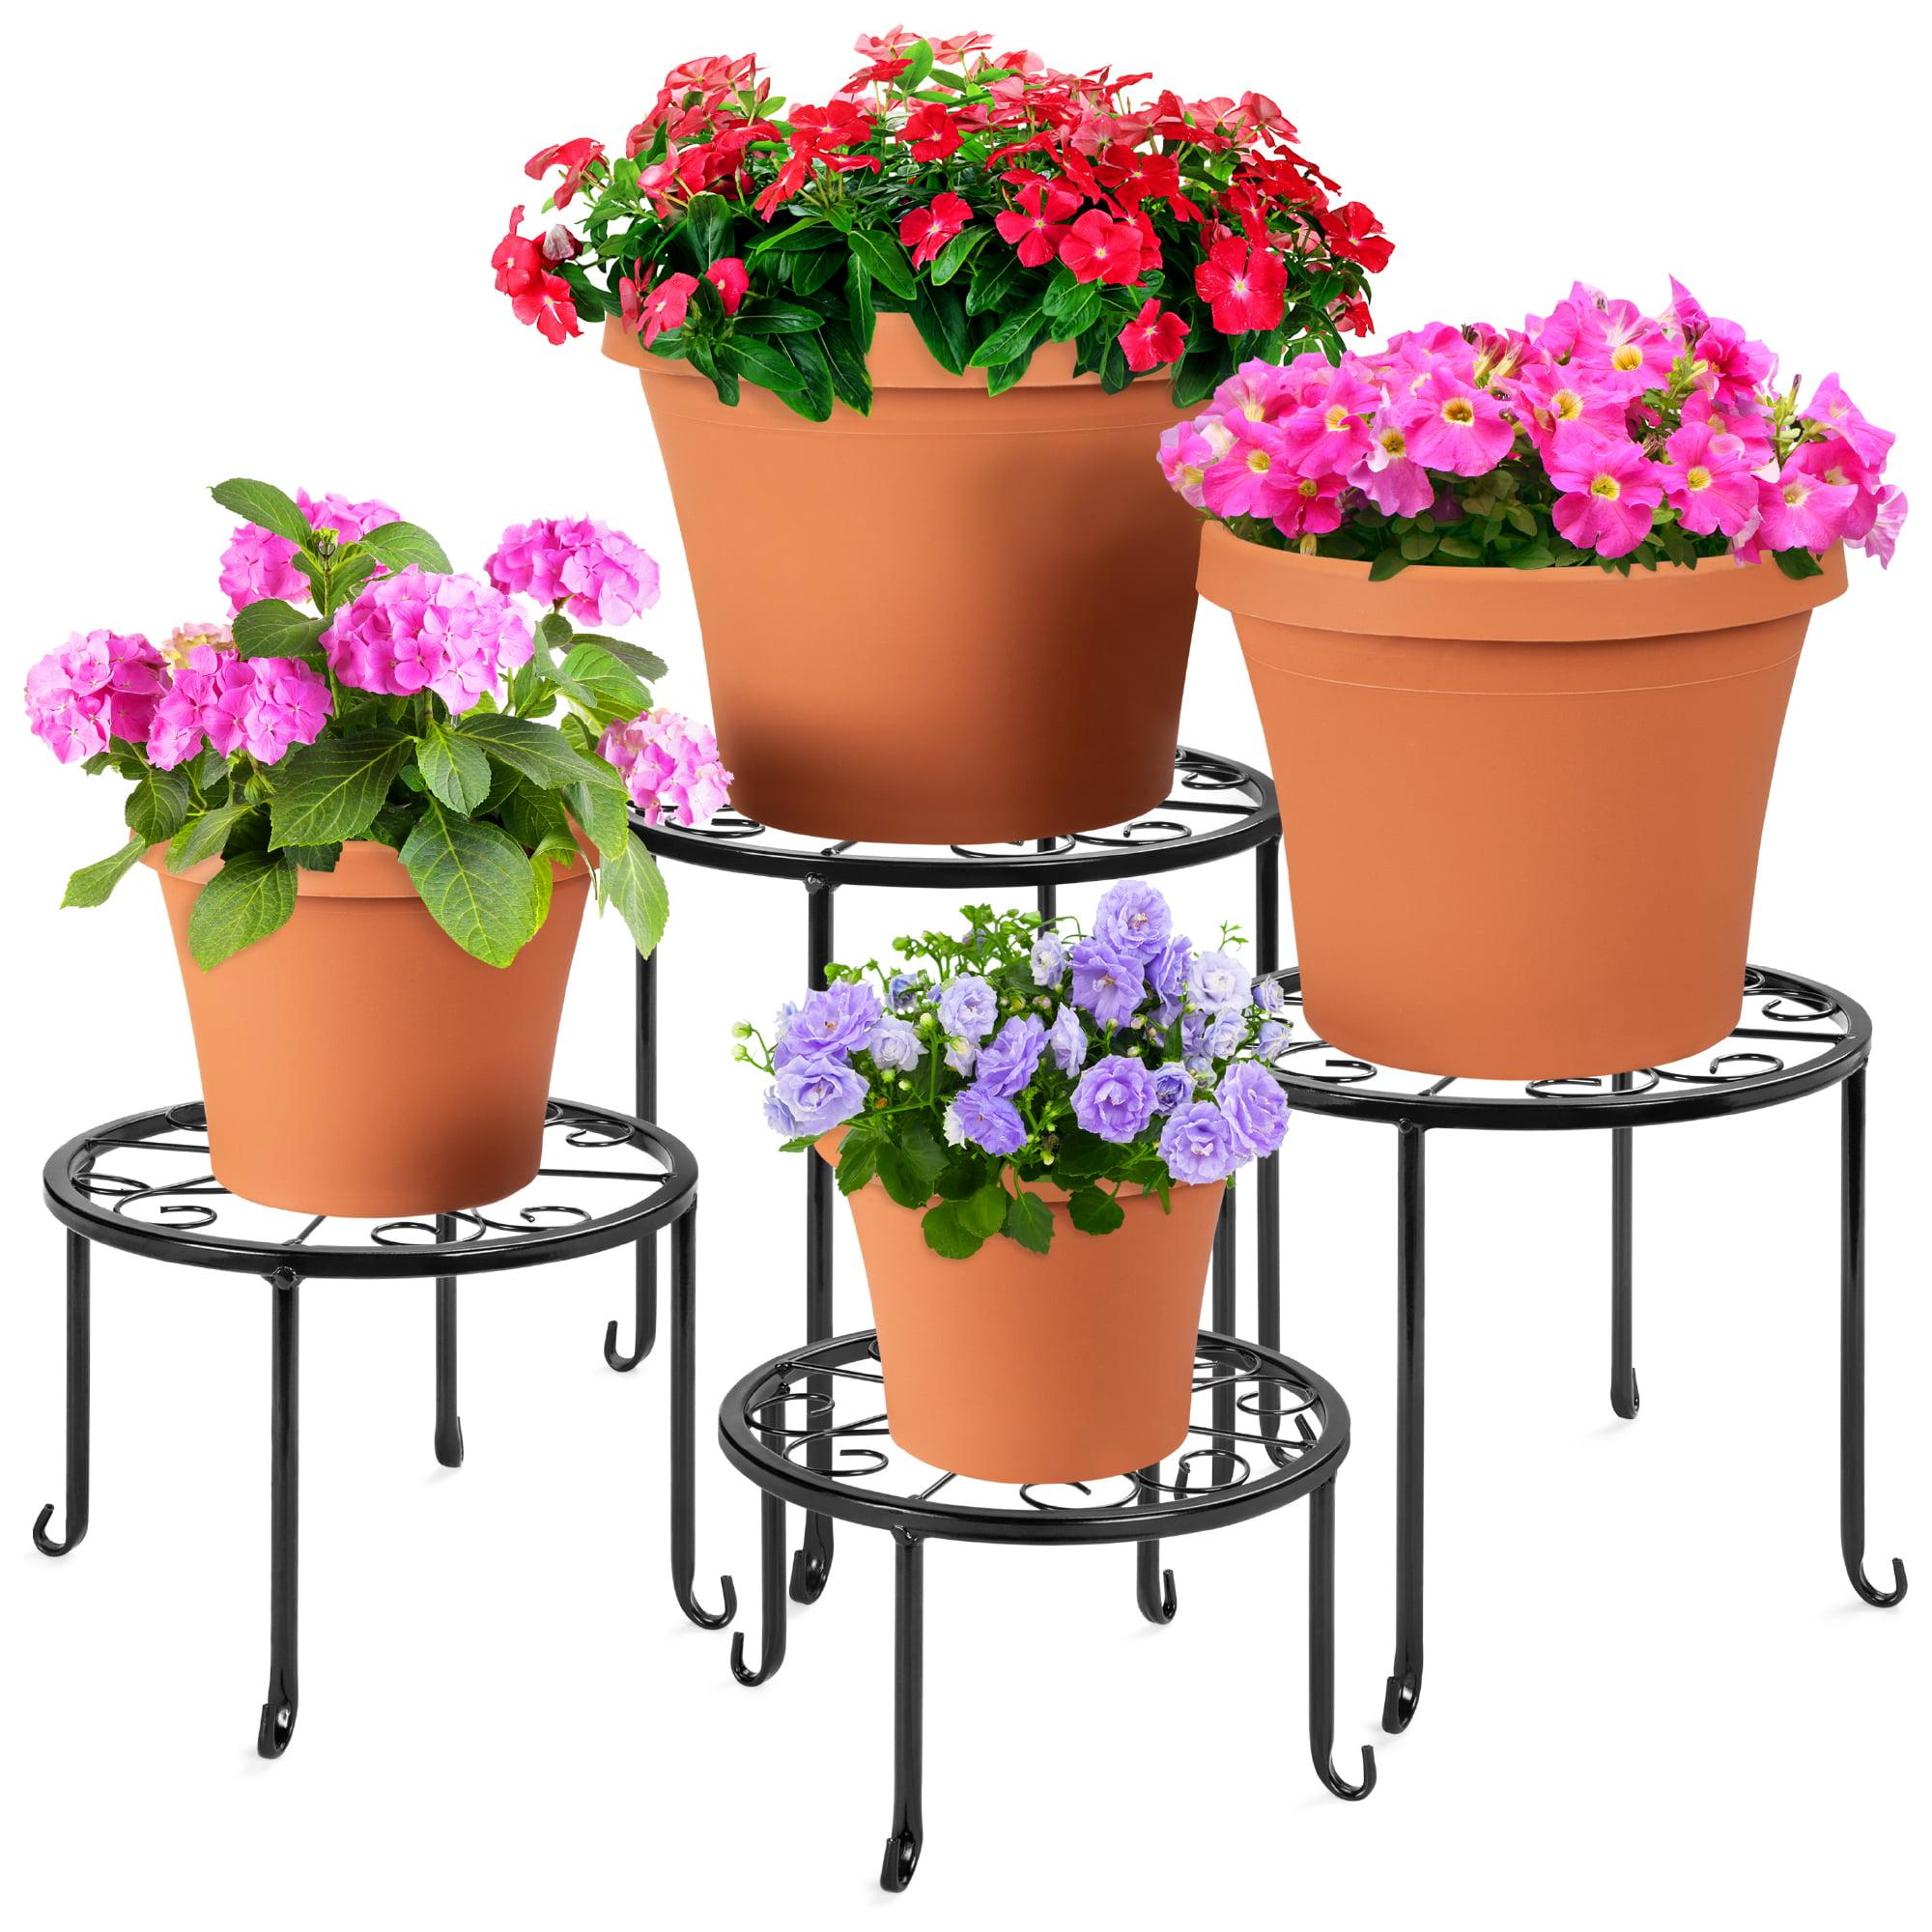 4 Pack Plant Stand Indoor Outdoor for Flower Pot Metal Garden Container Rack